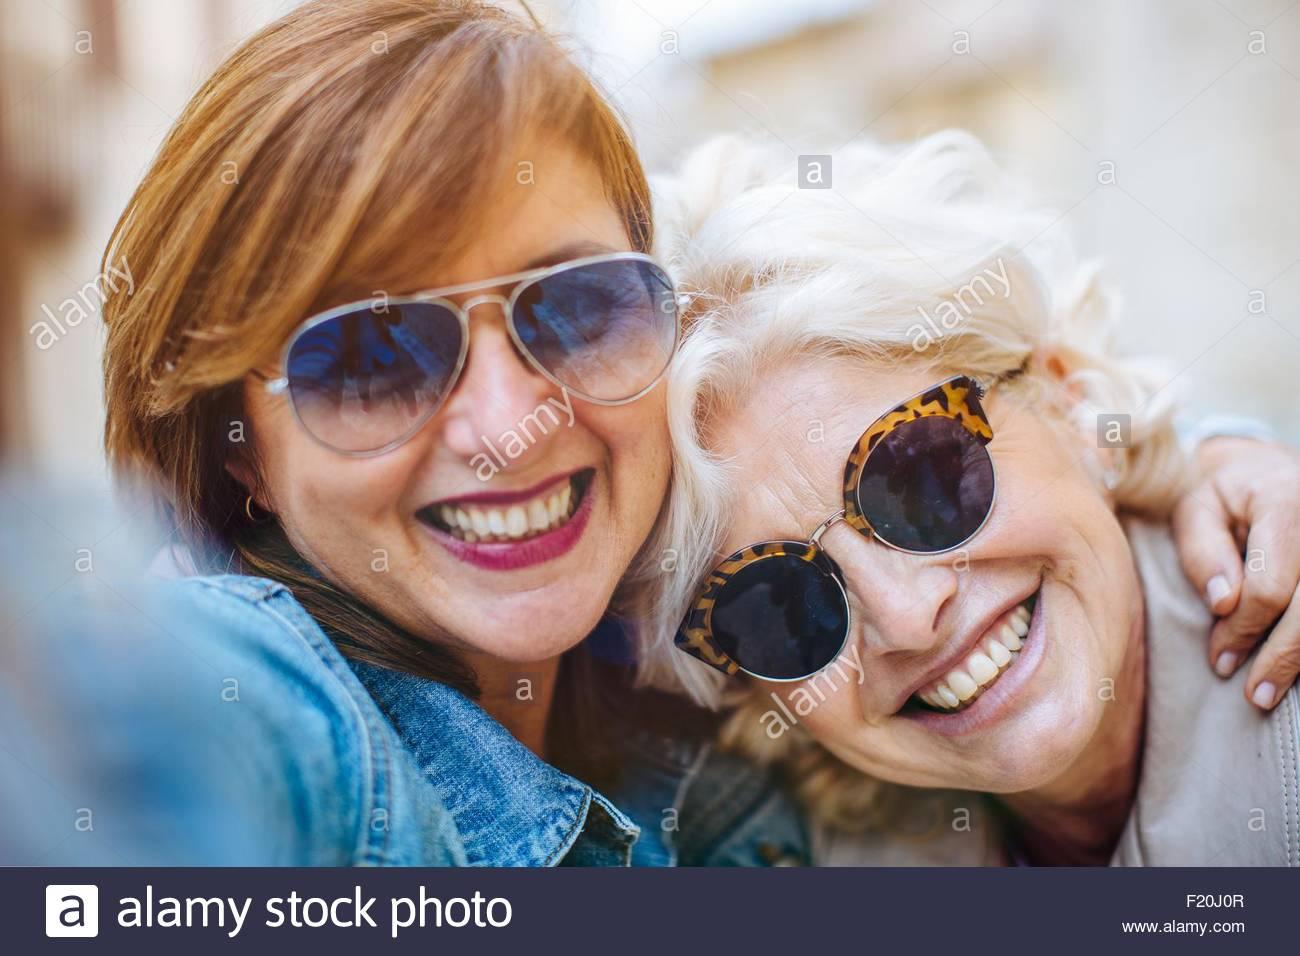 Zwei Reife Frauen posieren für selfie Stockbild